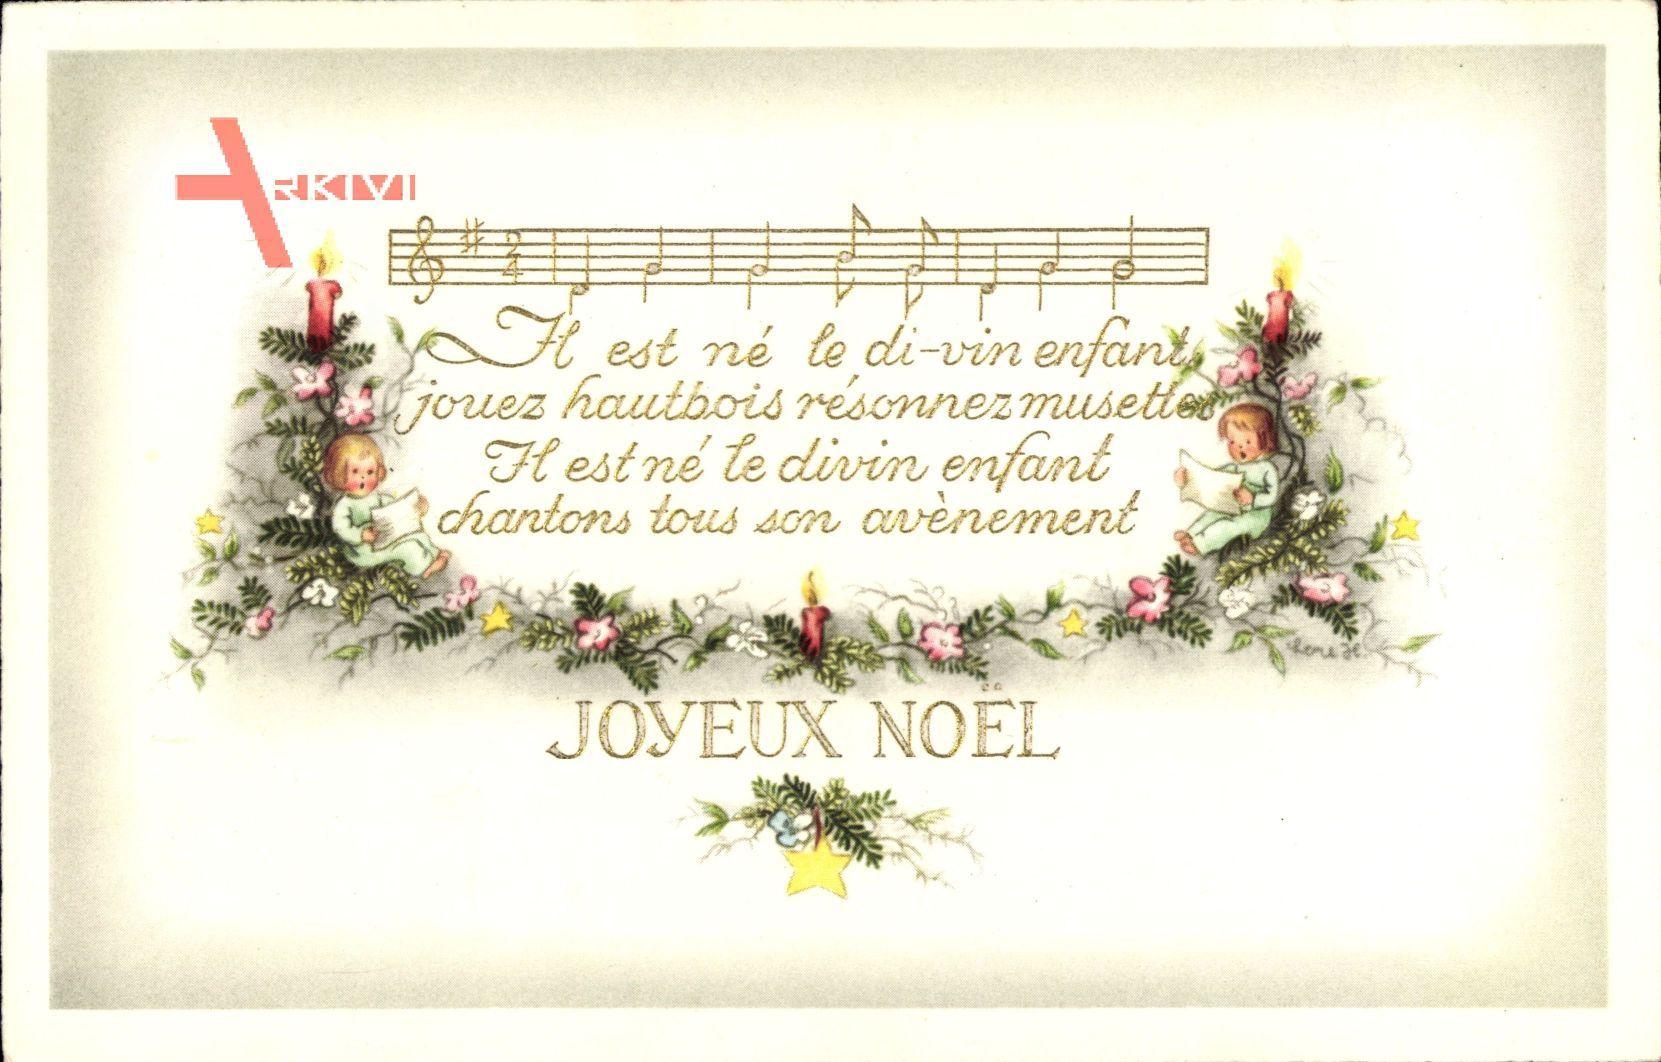 Text Frohe Weihnachten.Lied Frohe Weihnachten Joyeux Noel Noten Text